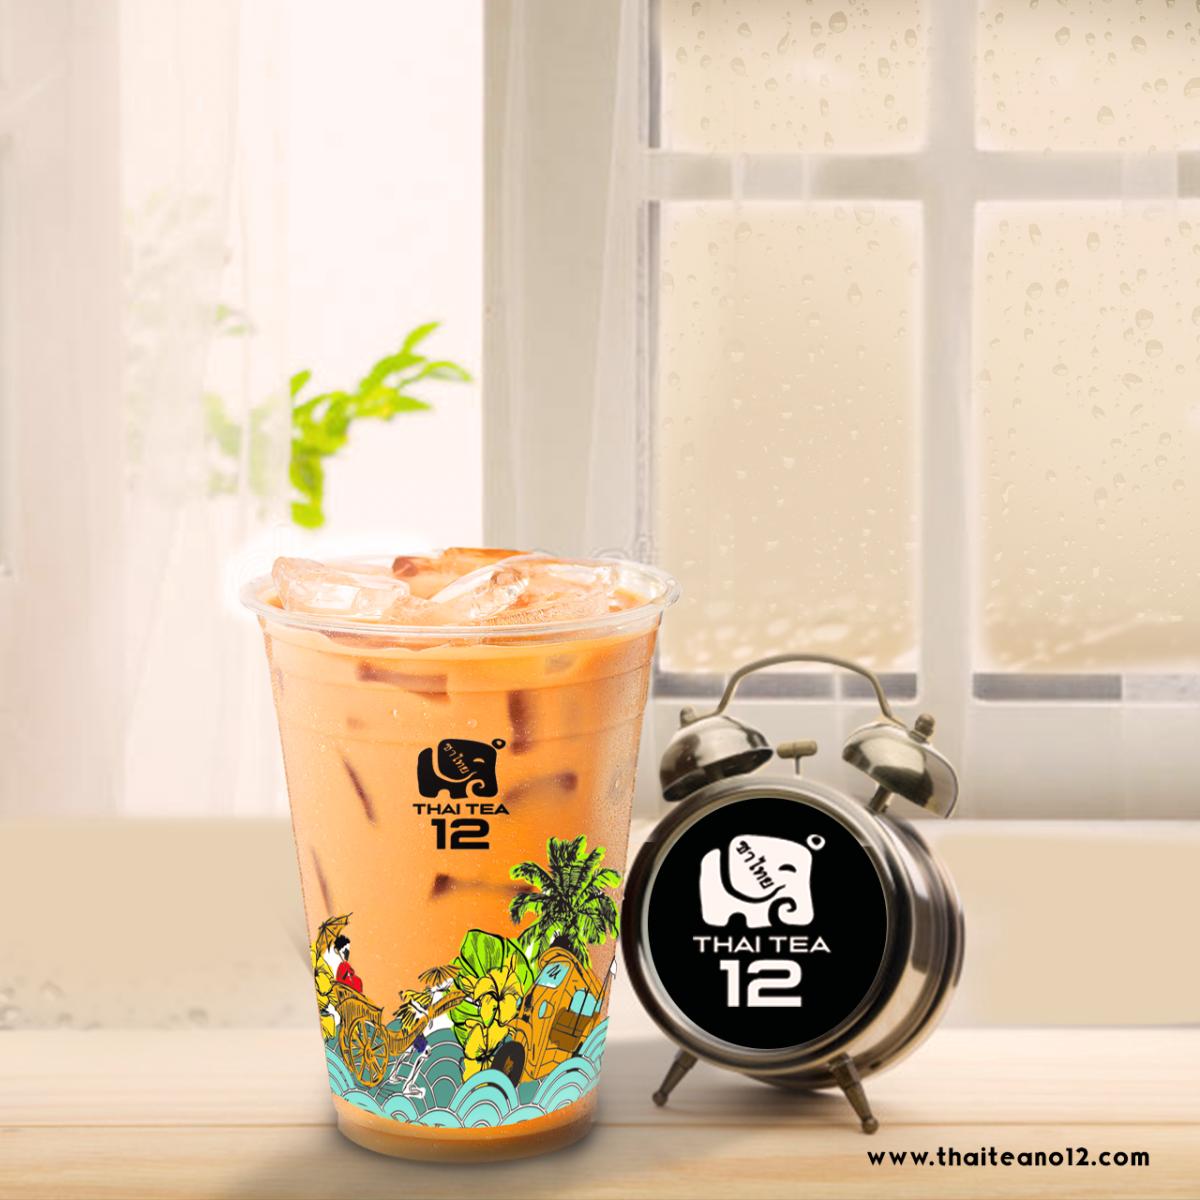 Thai Tea Original